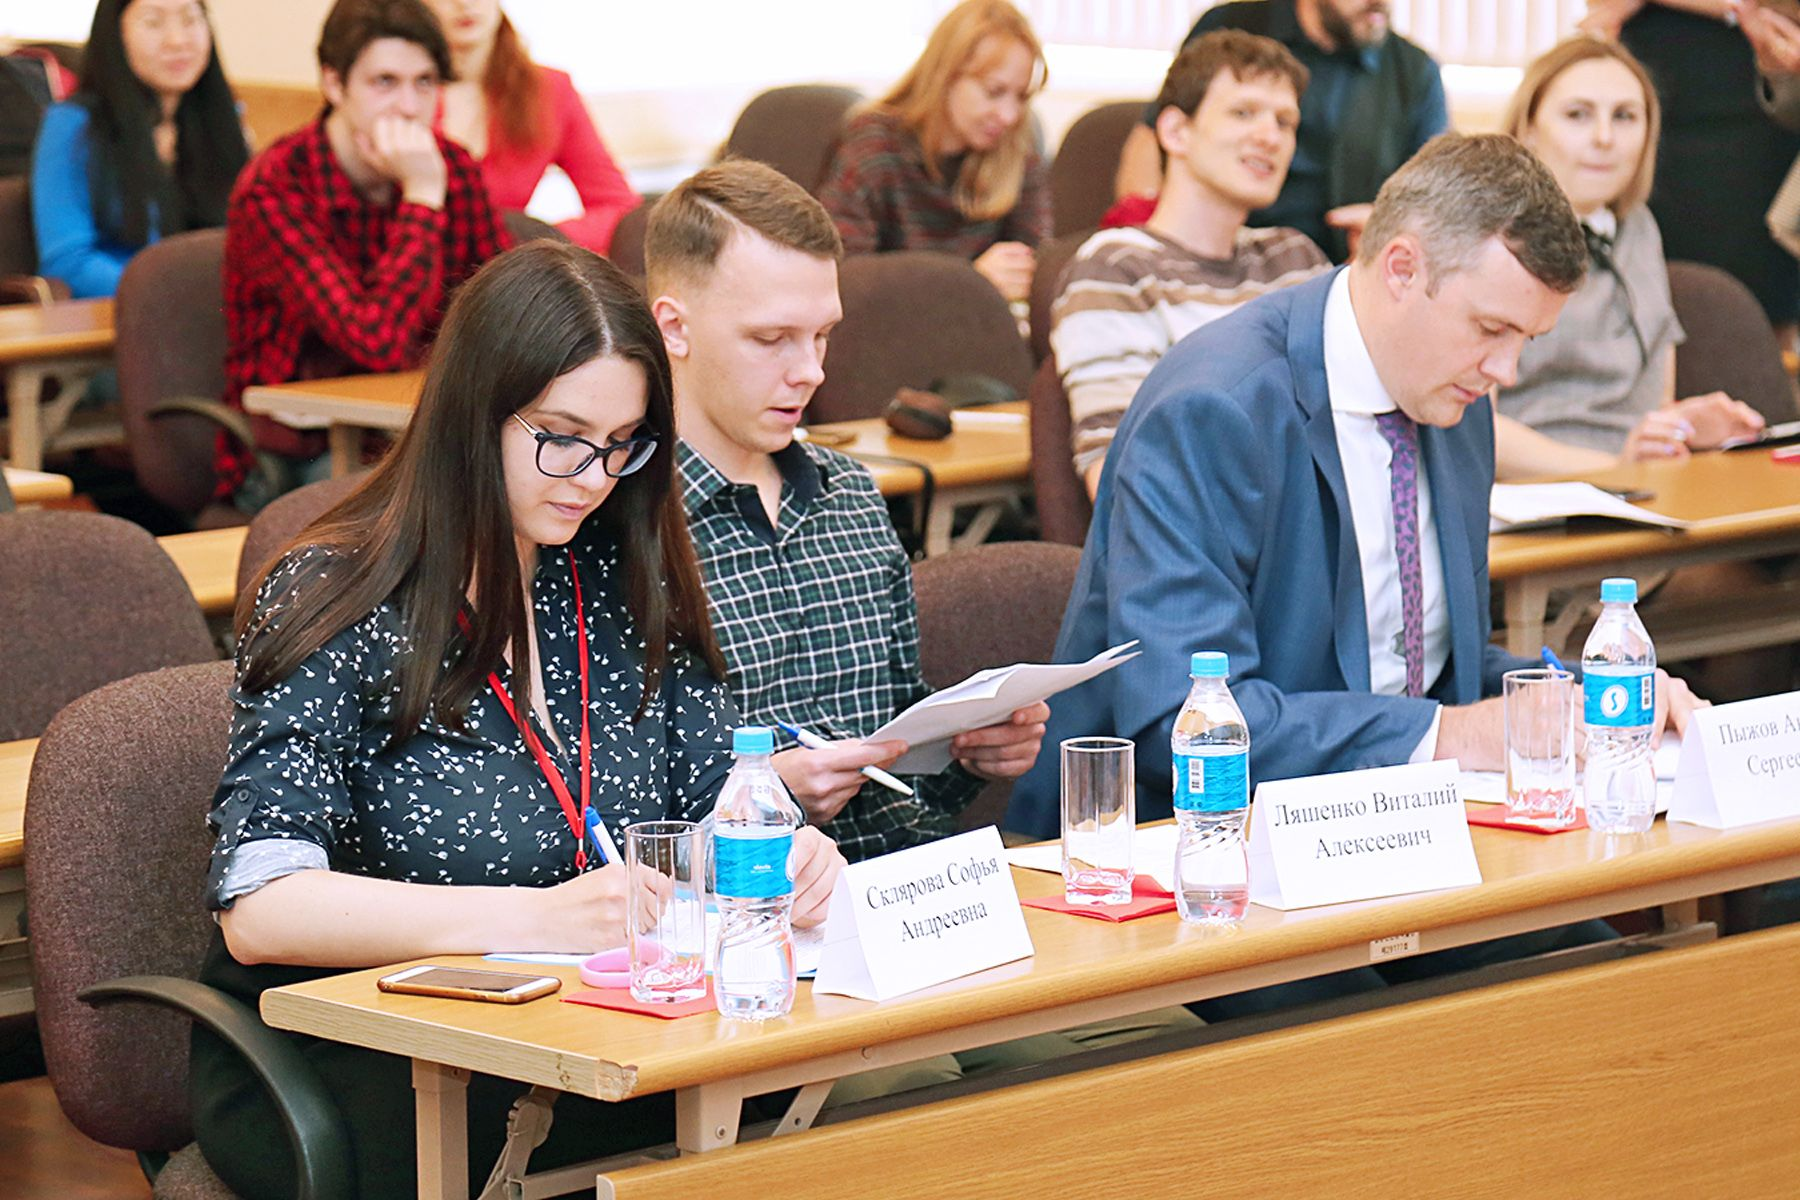 Национальный научный форум магистрантов, аспирантов и молодых учёных состоялся во ВГУЭС